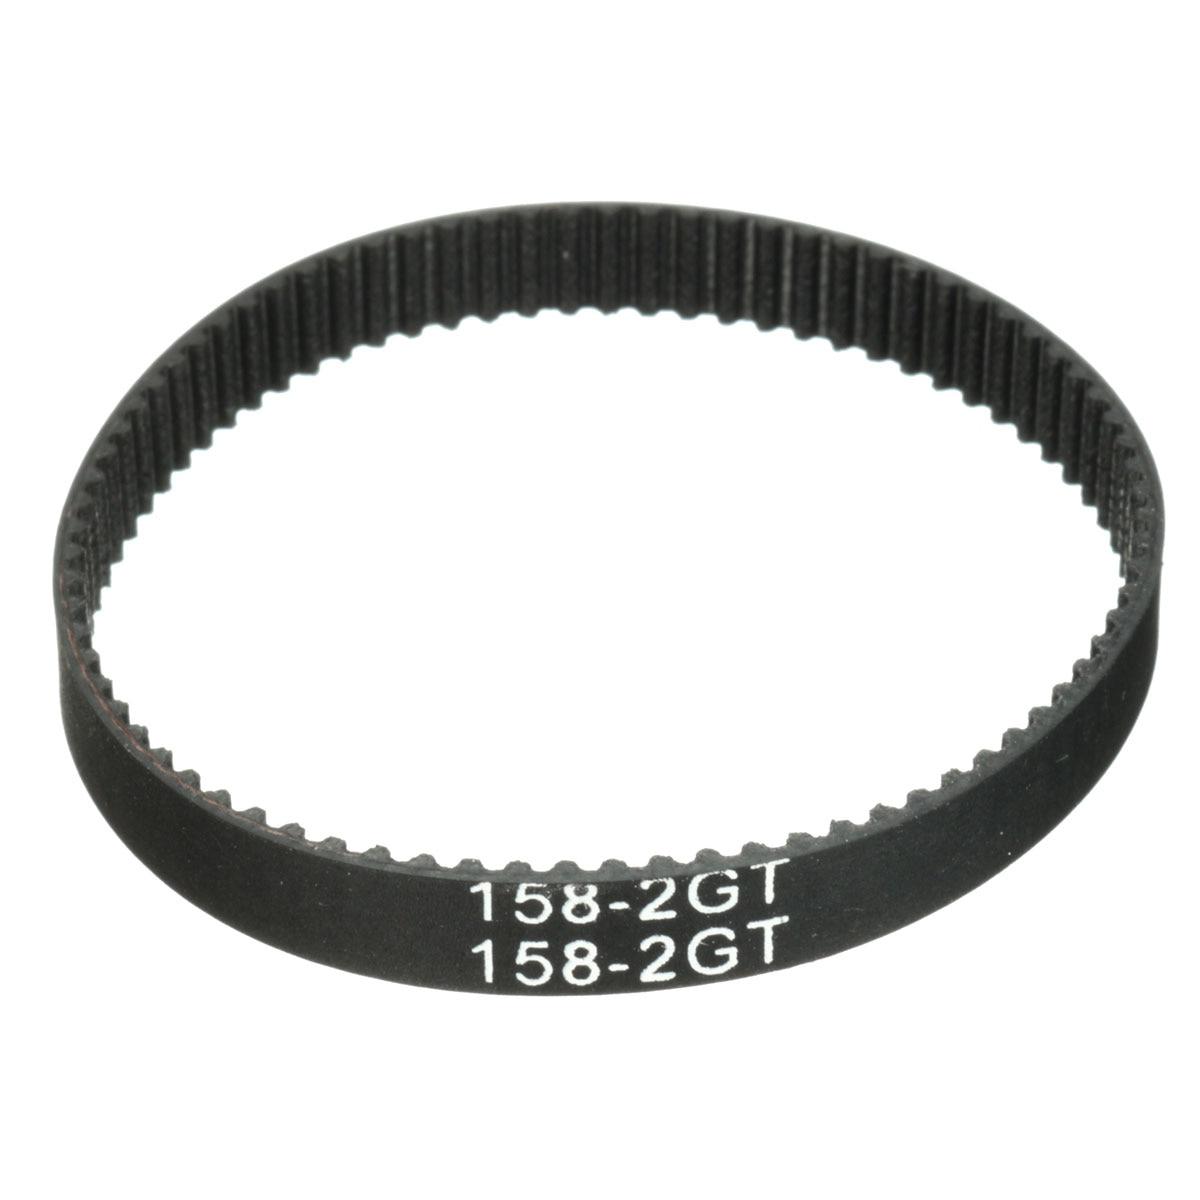 158-GT2 bucle correa de distribución anchura 6mm de correa GT2 Goma de Fibra de